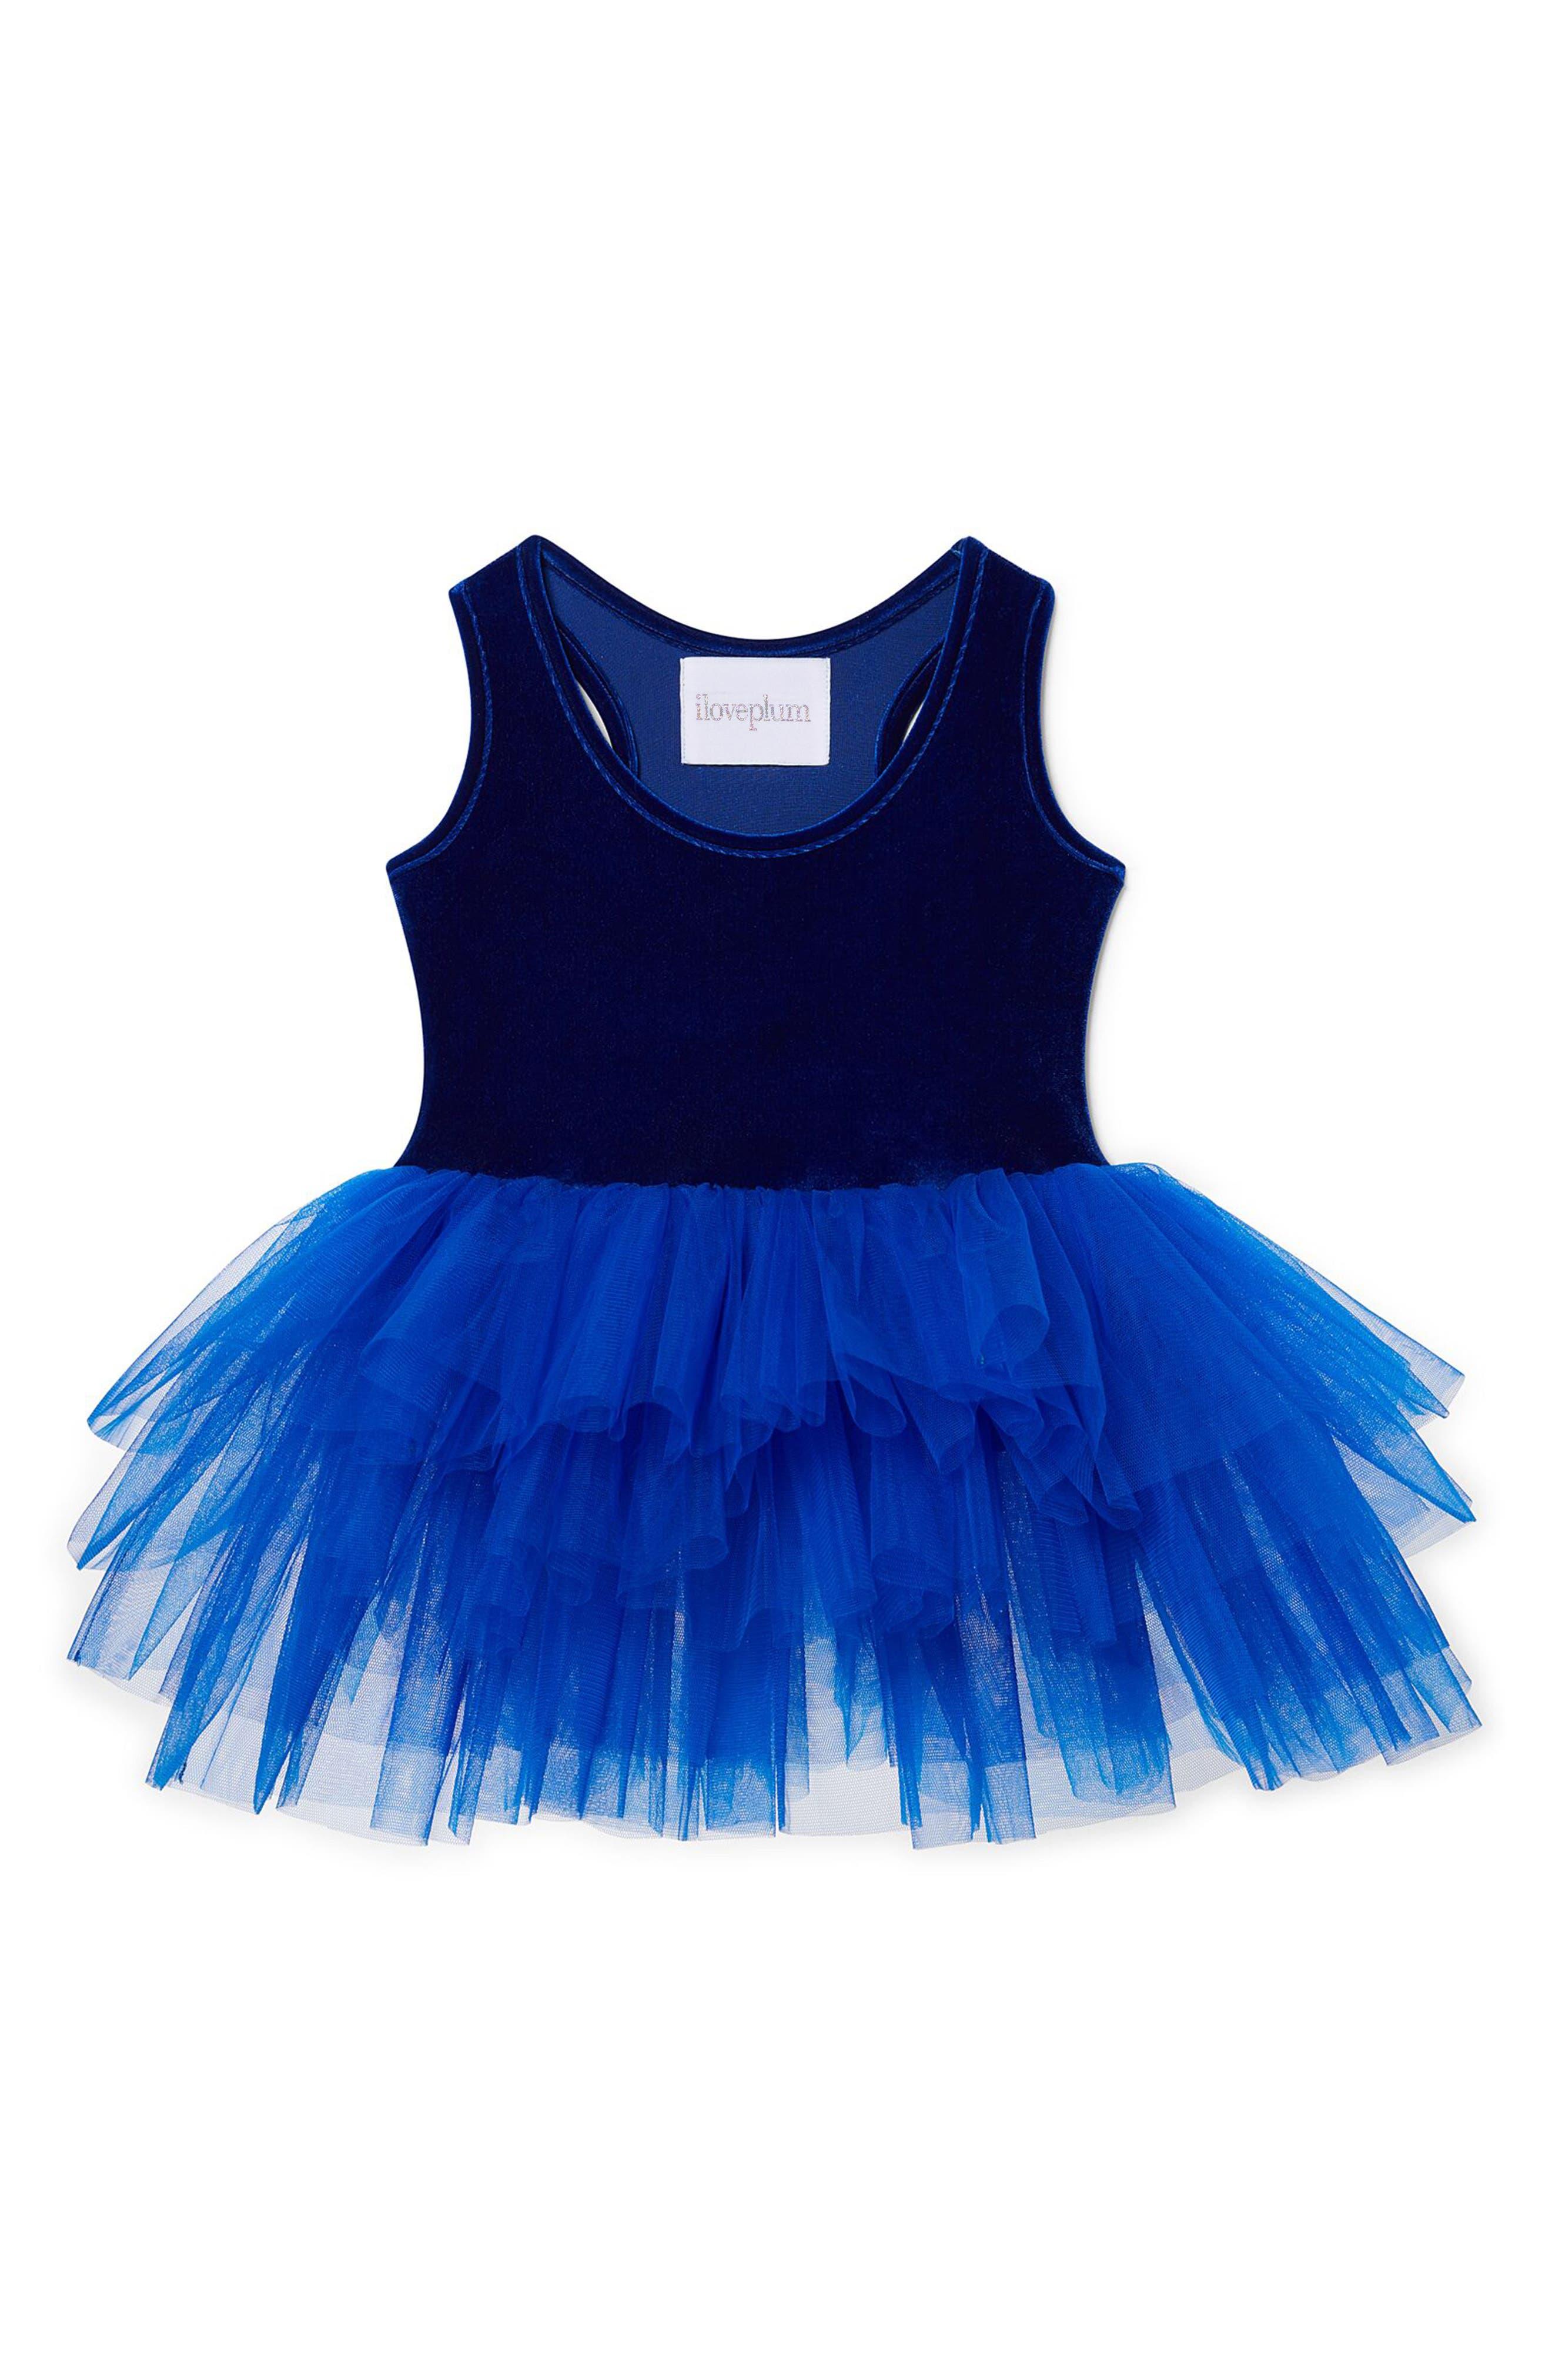 Alternate Image 1 Selected - iloveplum Velvet & Tulle Tutu Dress (Toddler Girls, Little Girls & Big Girls)